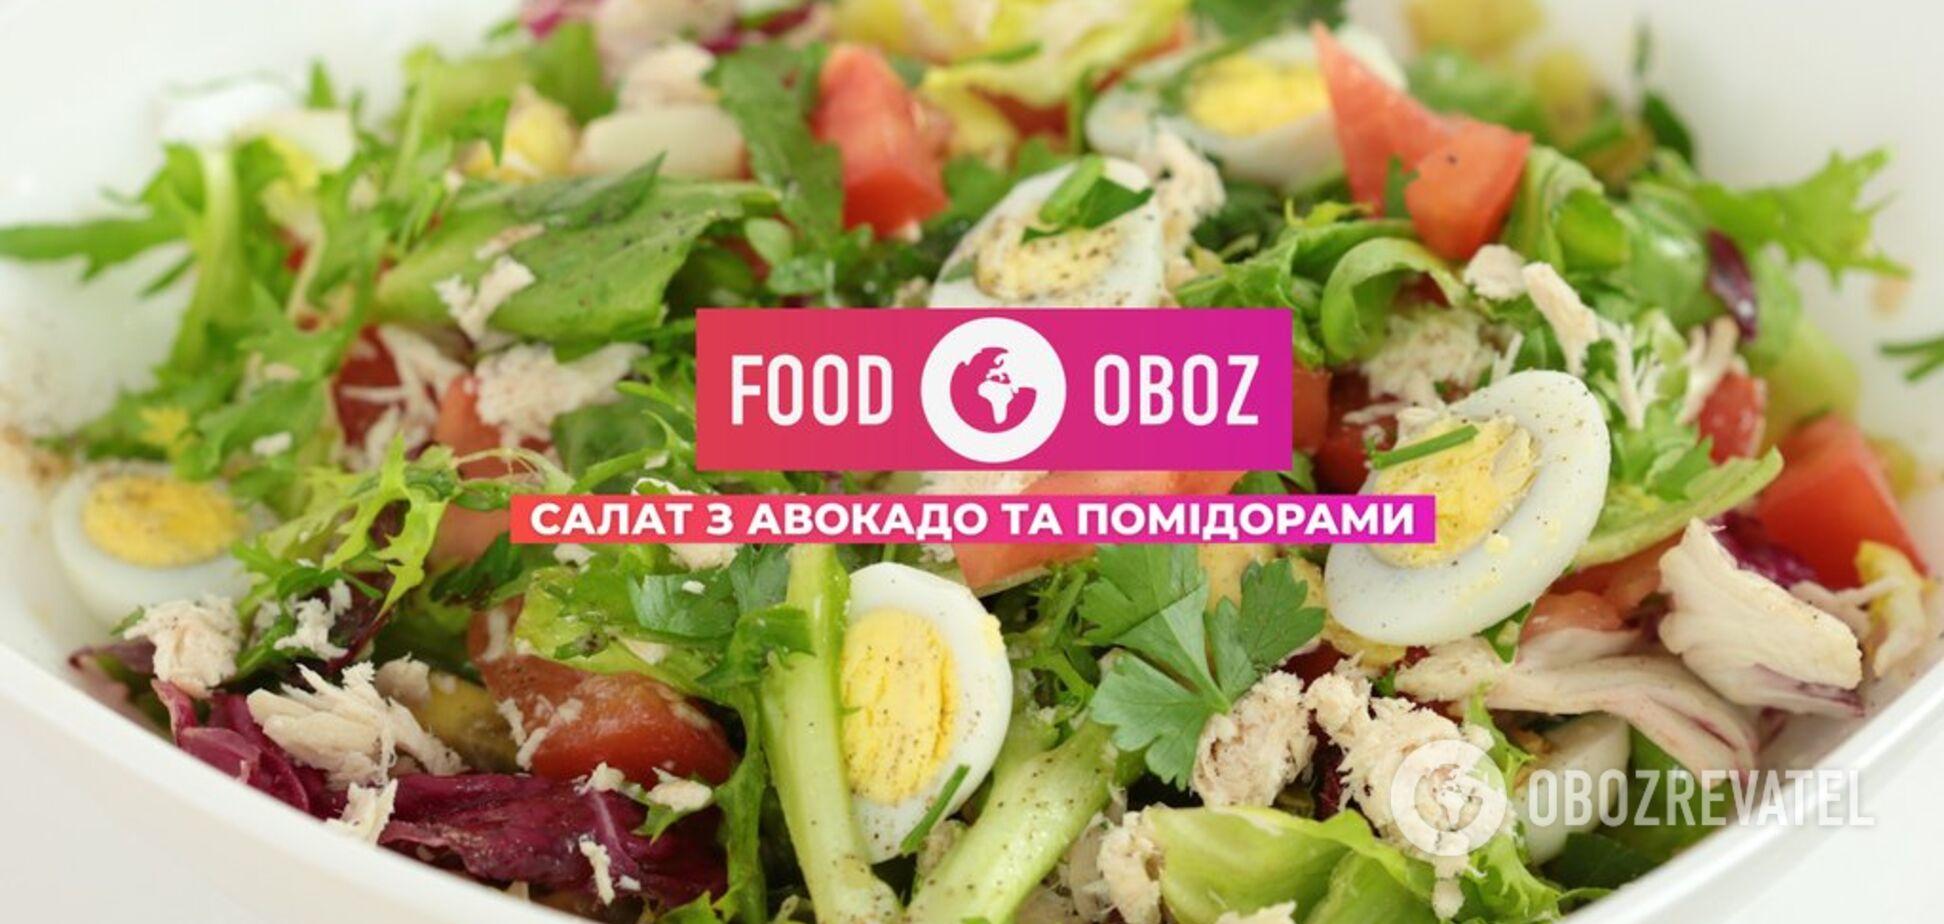 FOODOBOZ | Салат з авокадо та помідорами